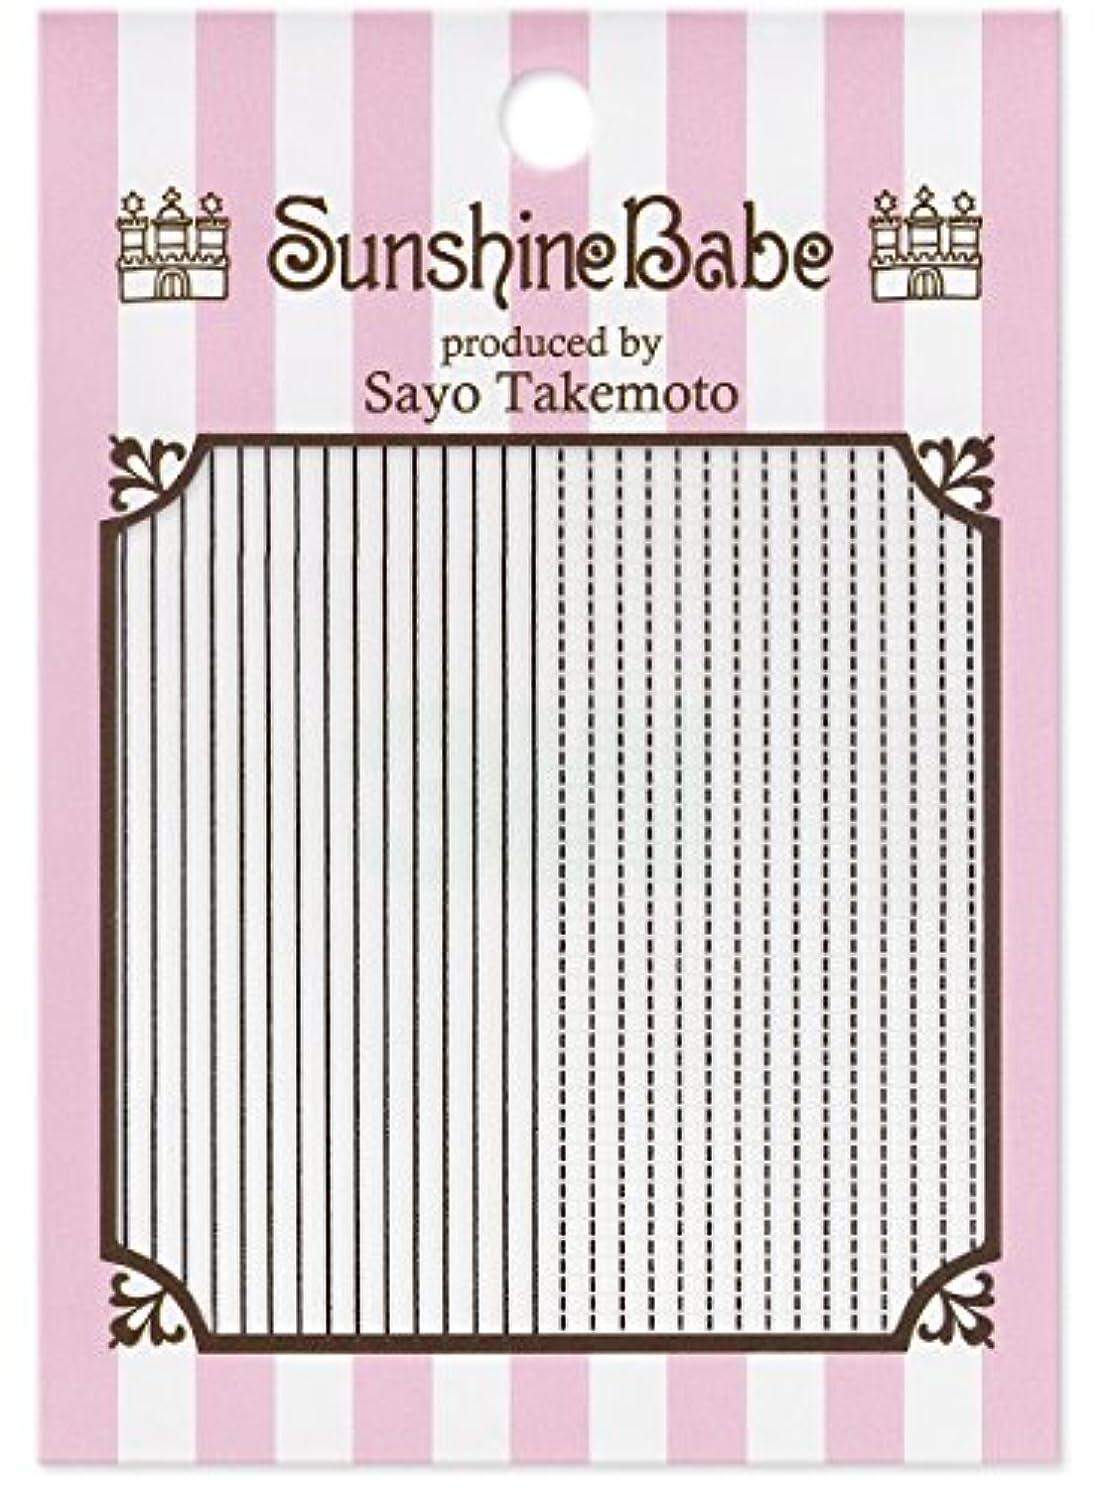 侮辱ペルメルロックサンシャインベビー ジェルネイル 武本小夜のネイルシール Sayo Style ラインステッチ ブラック